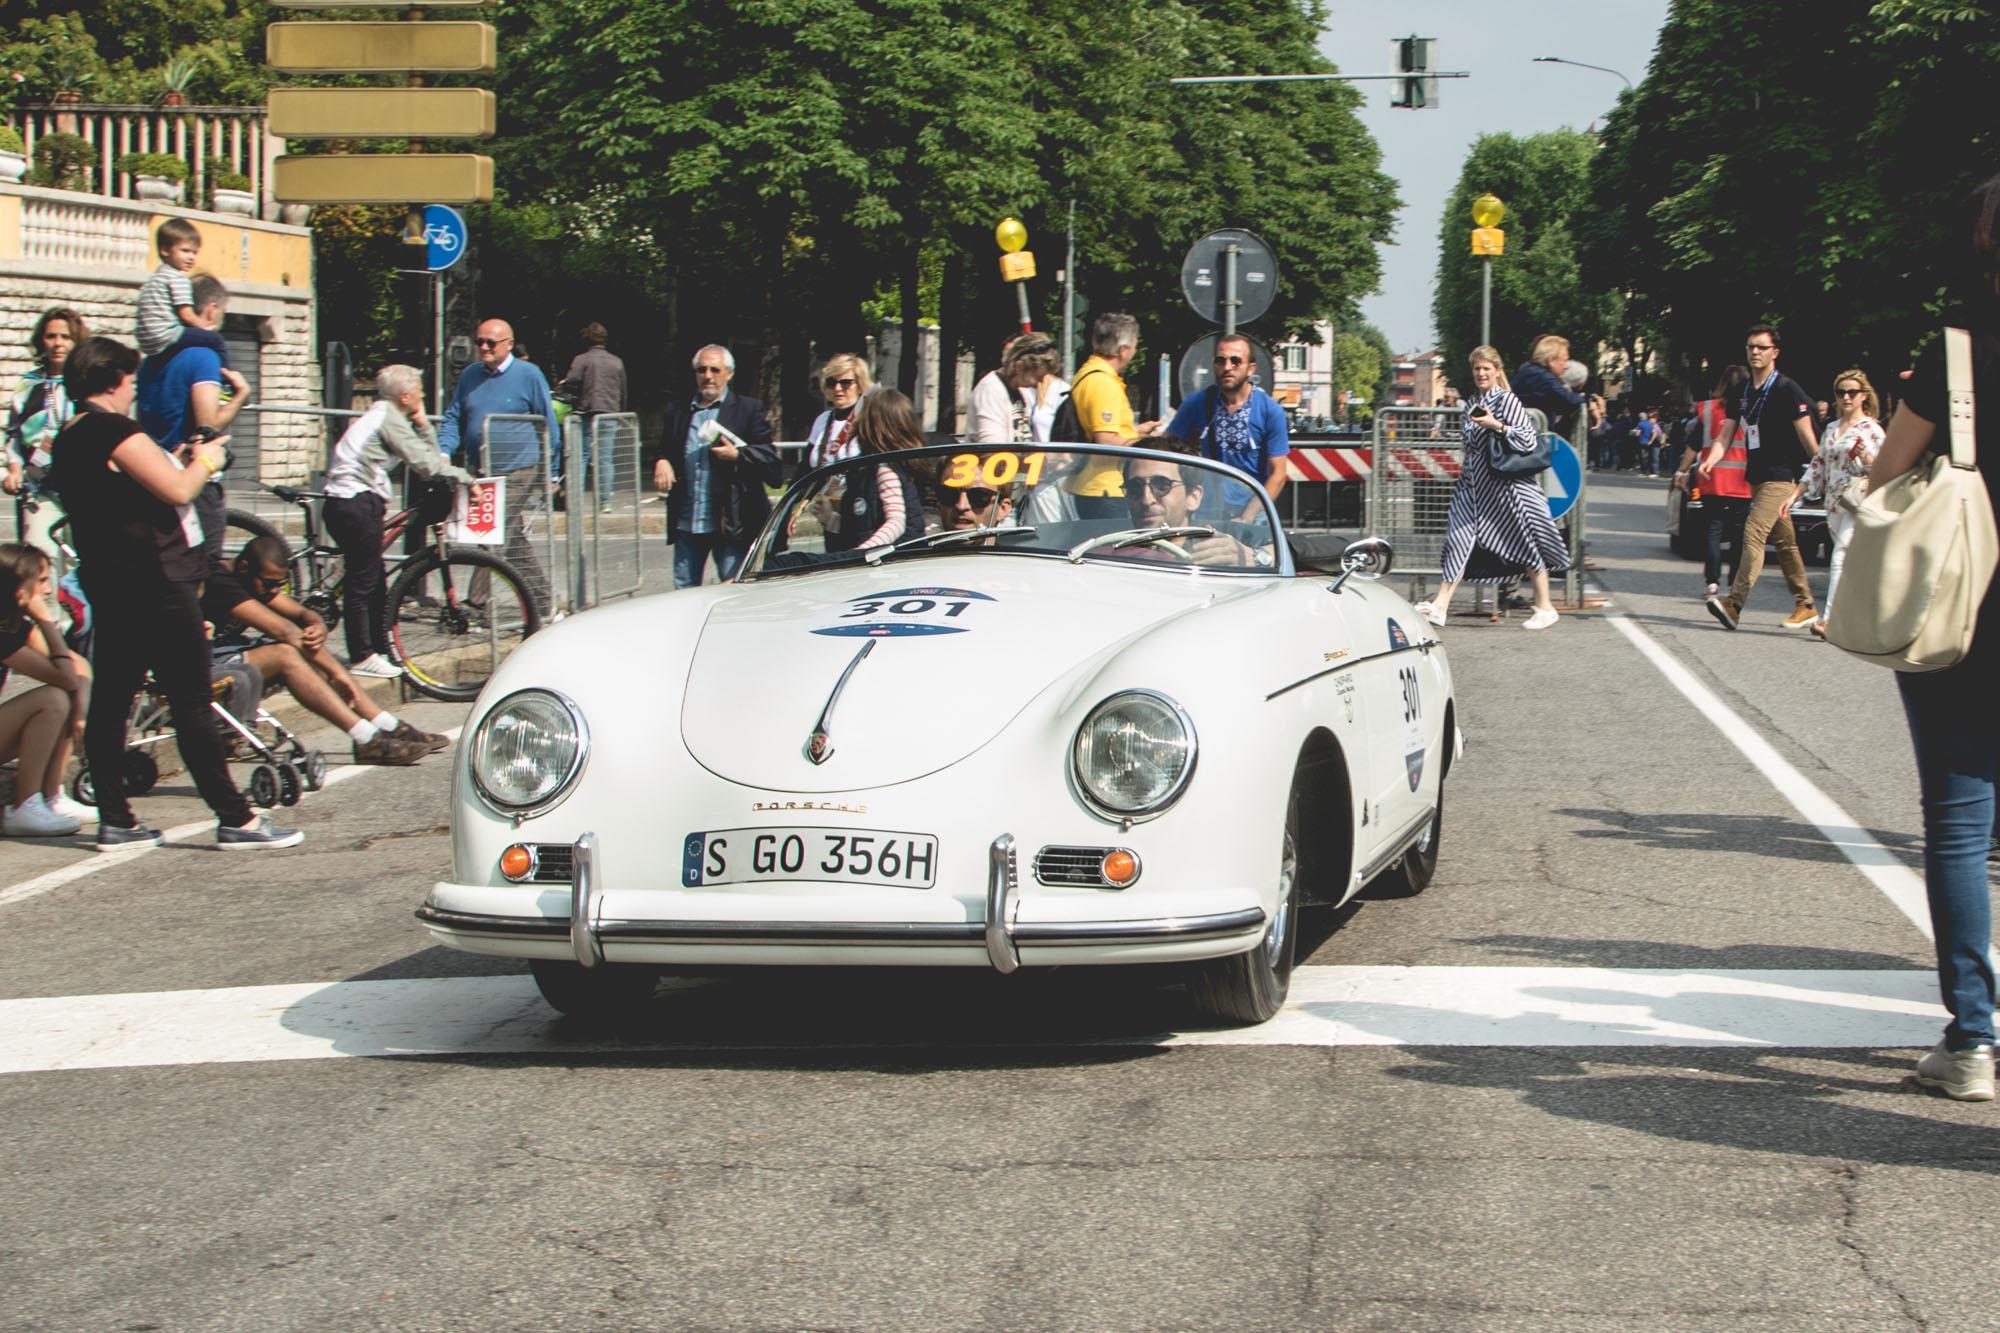 Mille Miglia - Chopard Team et Adrien Brody